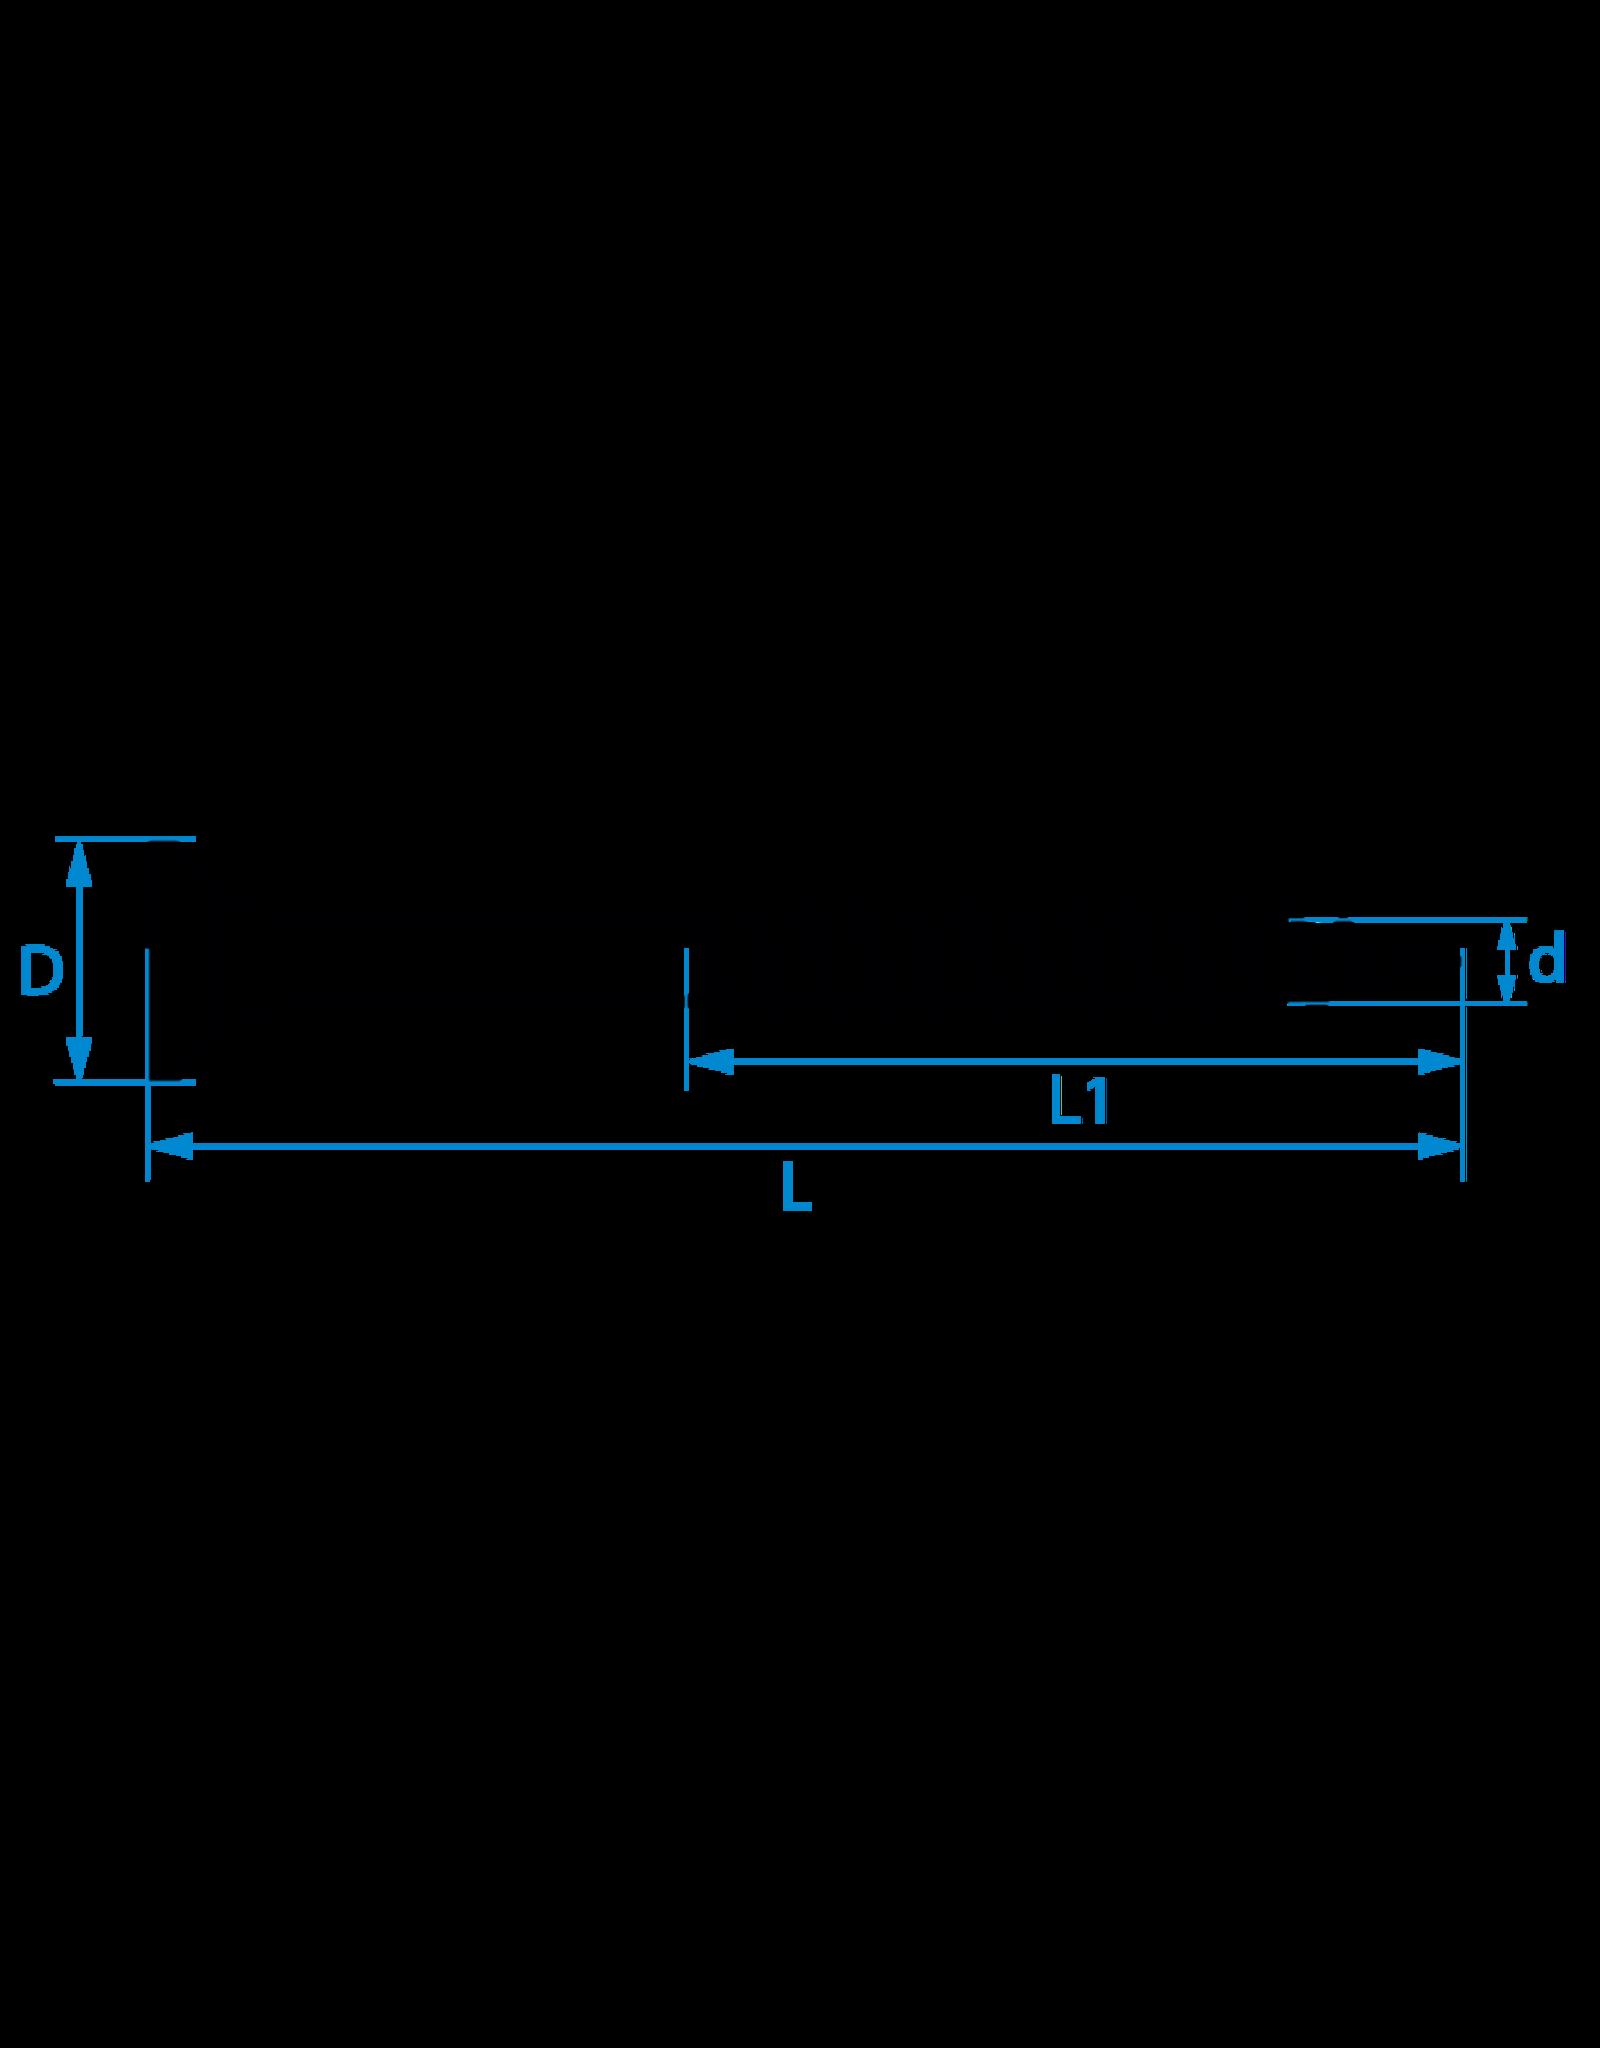 Spaanplaatschroeven platkop 3.5x25 TX-15 staal gehard verzinkt per 200 stuks